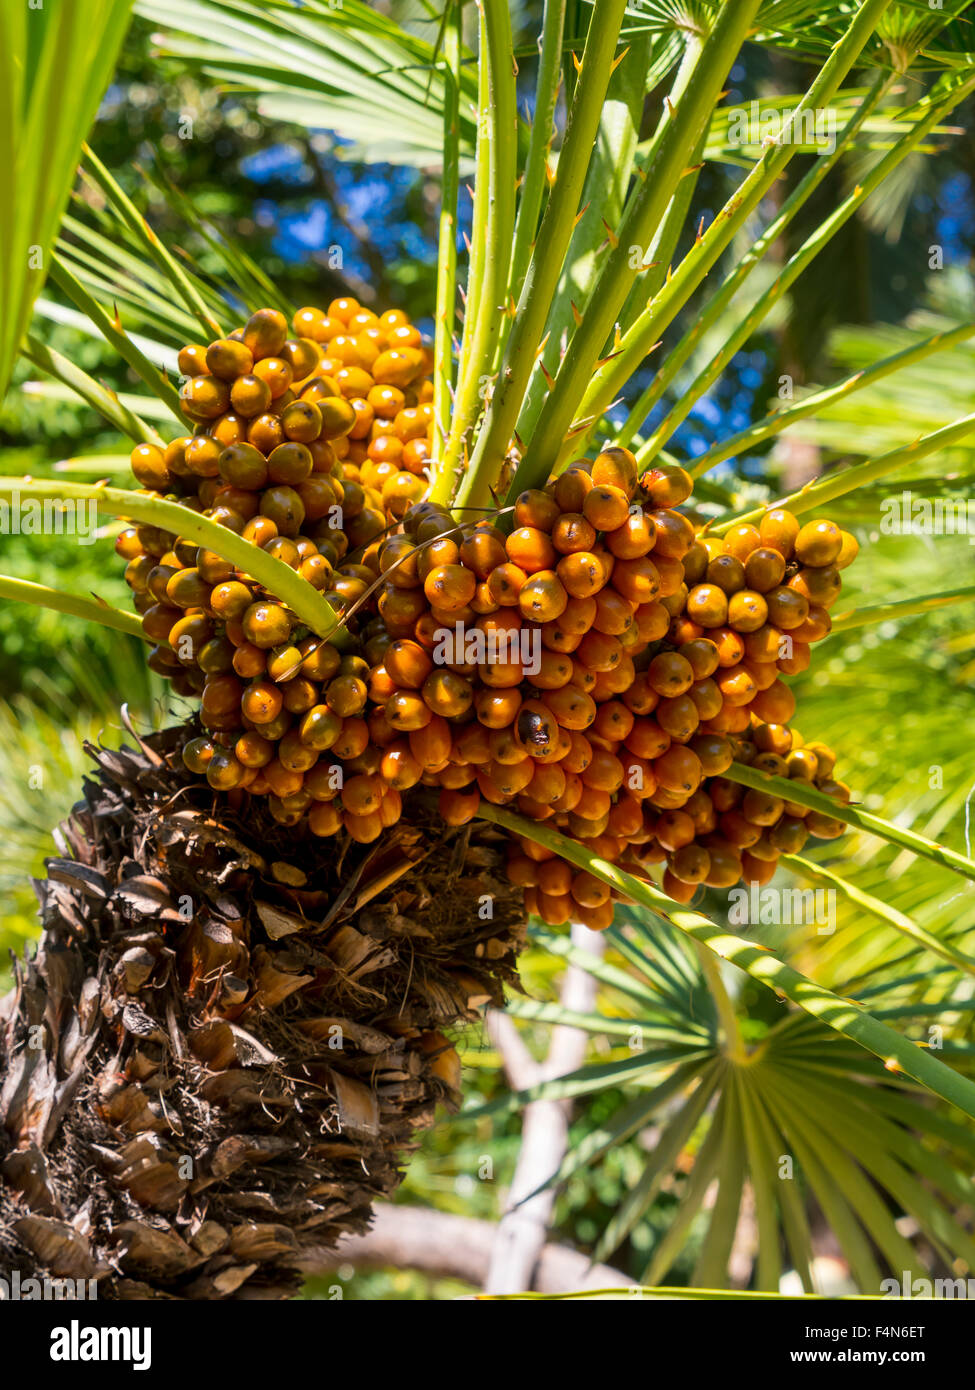 Canary Island Date Palm Fruit